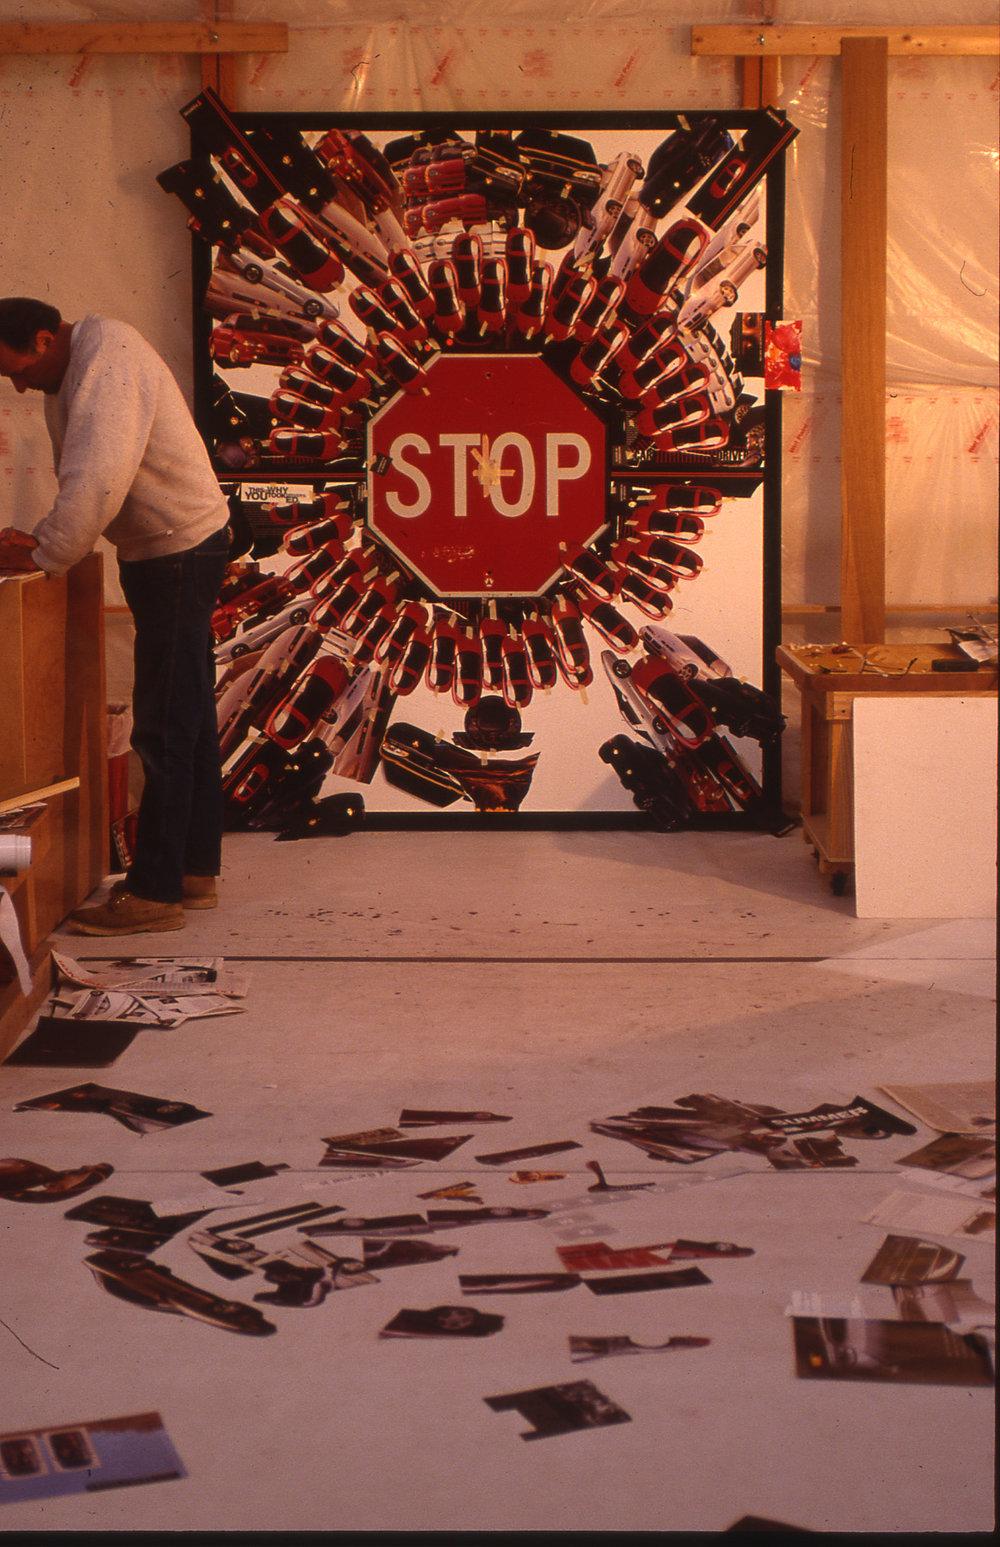 STUDIO STOP SIGN.JPG